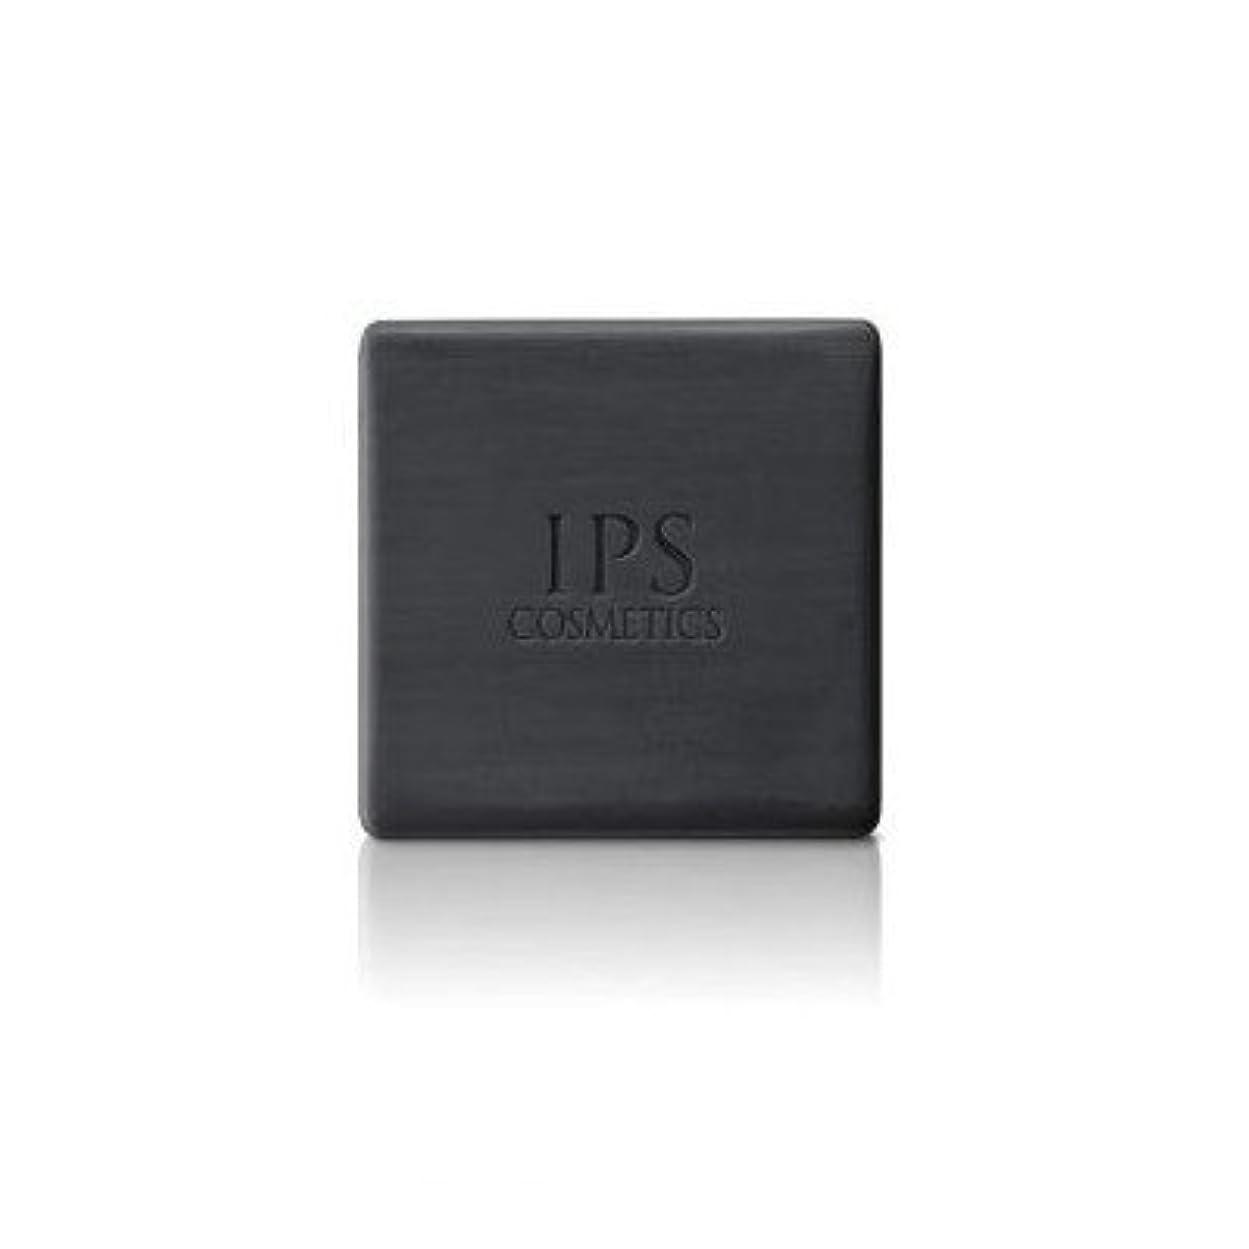 シャッフル持続する海里お得な3個セット IPS コンディショニングバー 洗顔石鹸 120g